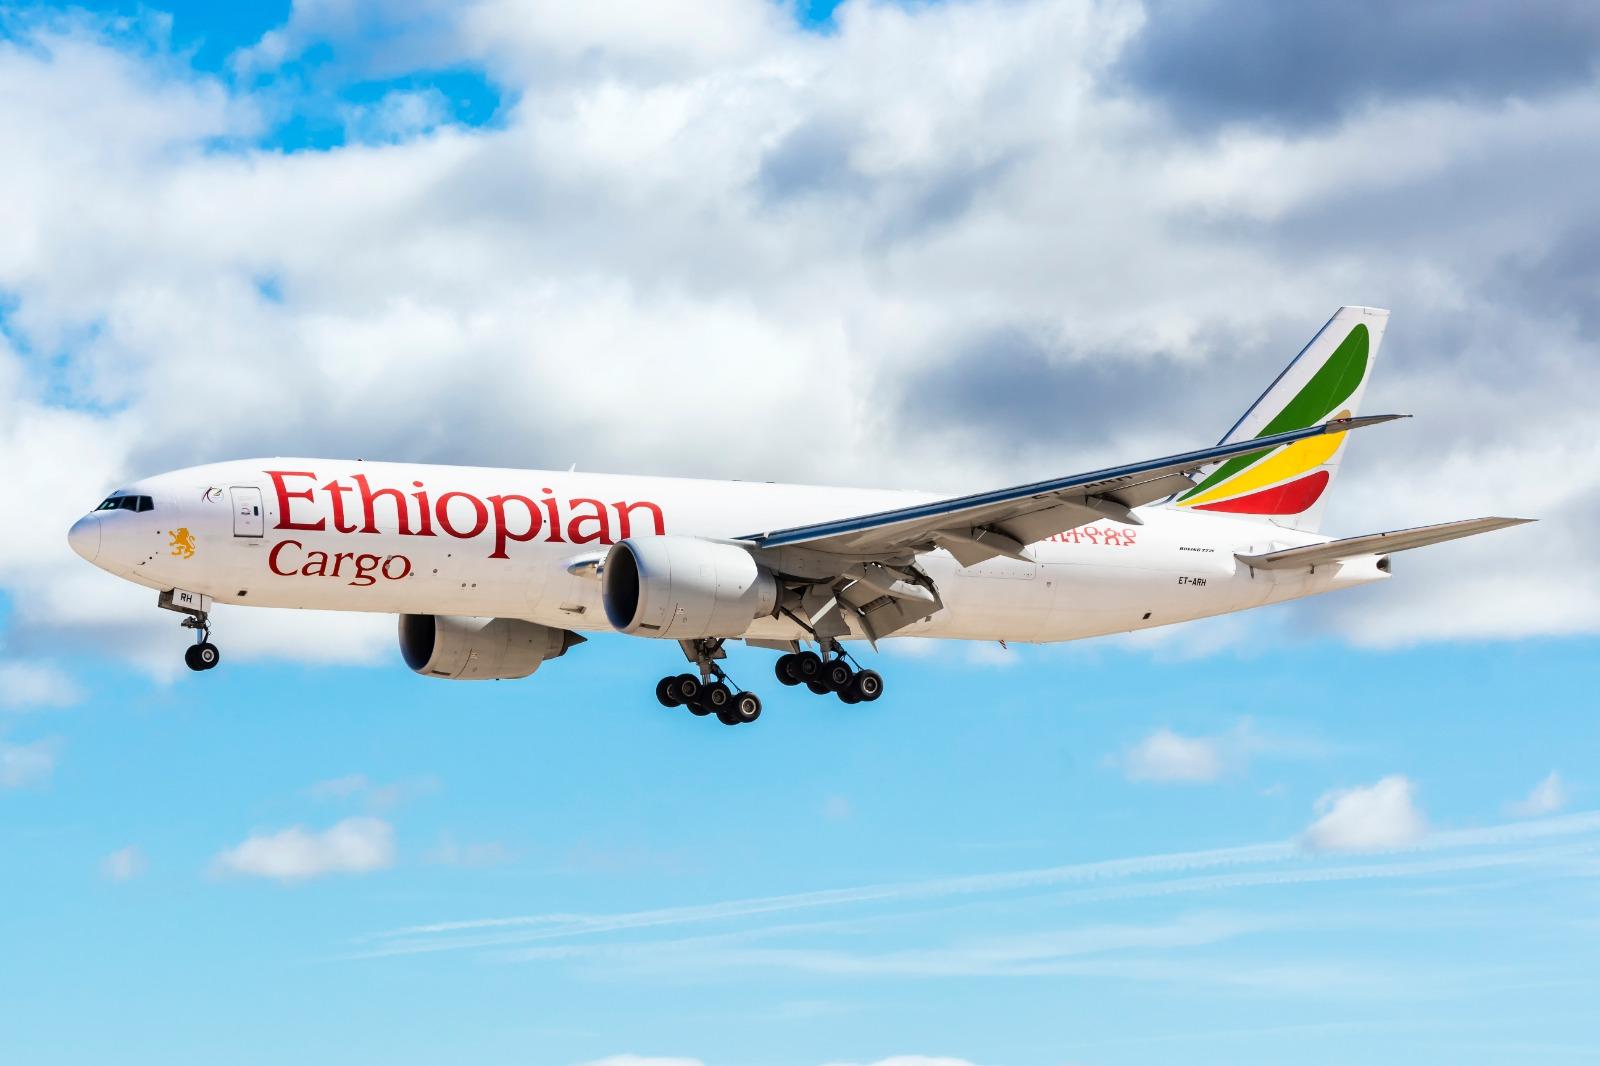 Ethiopian Cargo launches cargo flights Incheon to Atlanta via Anchorage